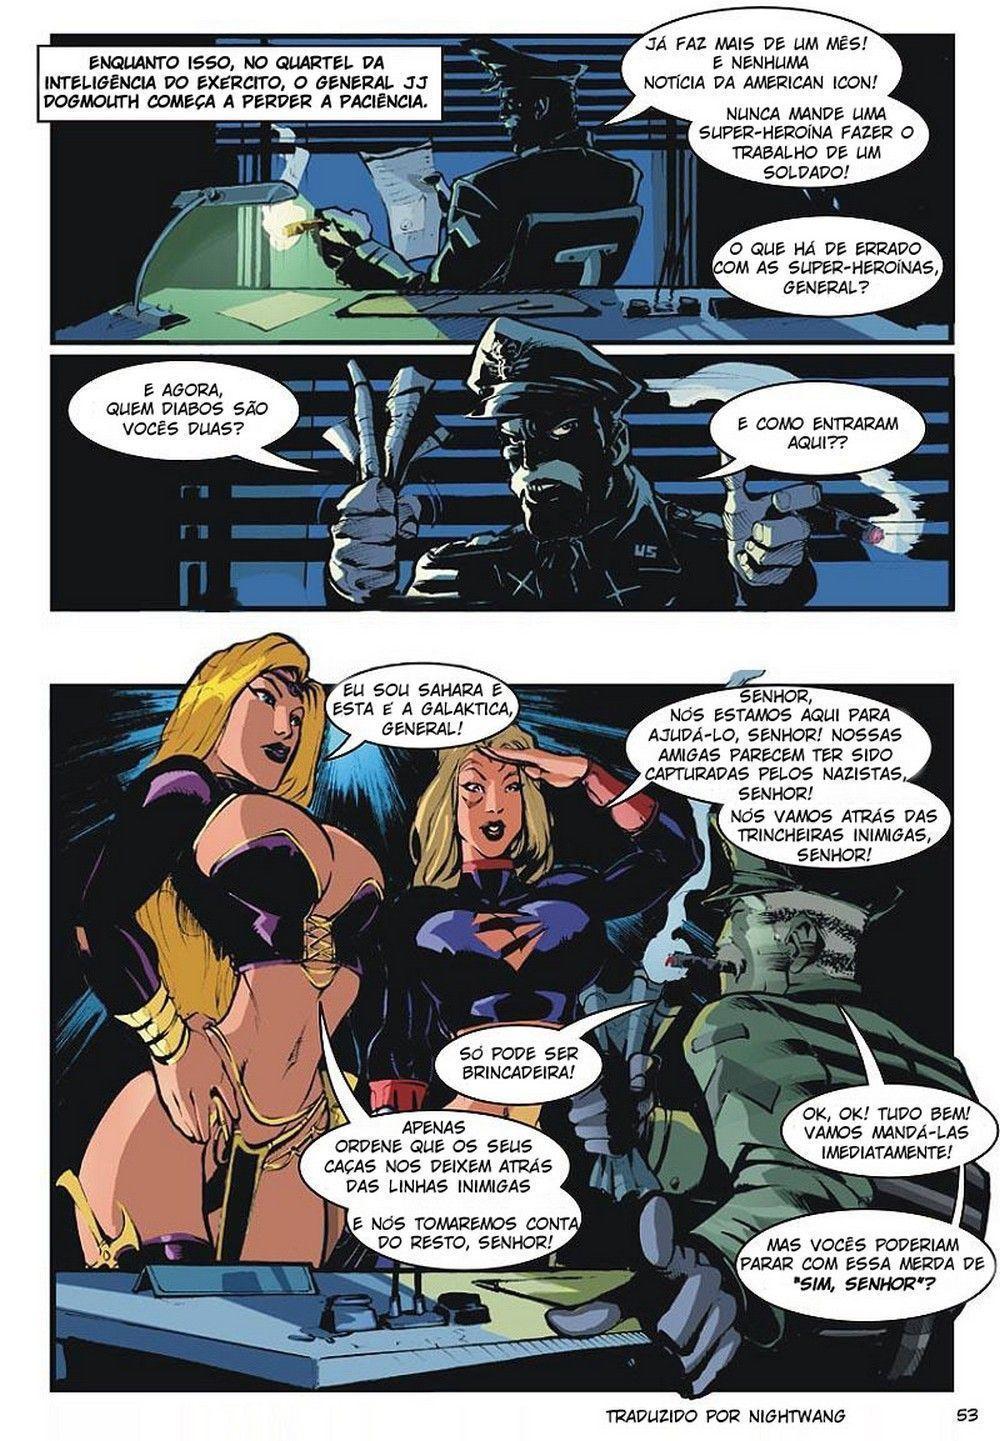 Icone americano #3 - quadrinhos eróticos